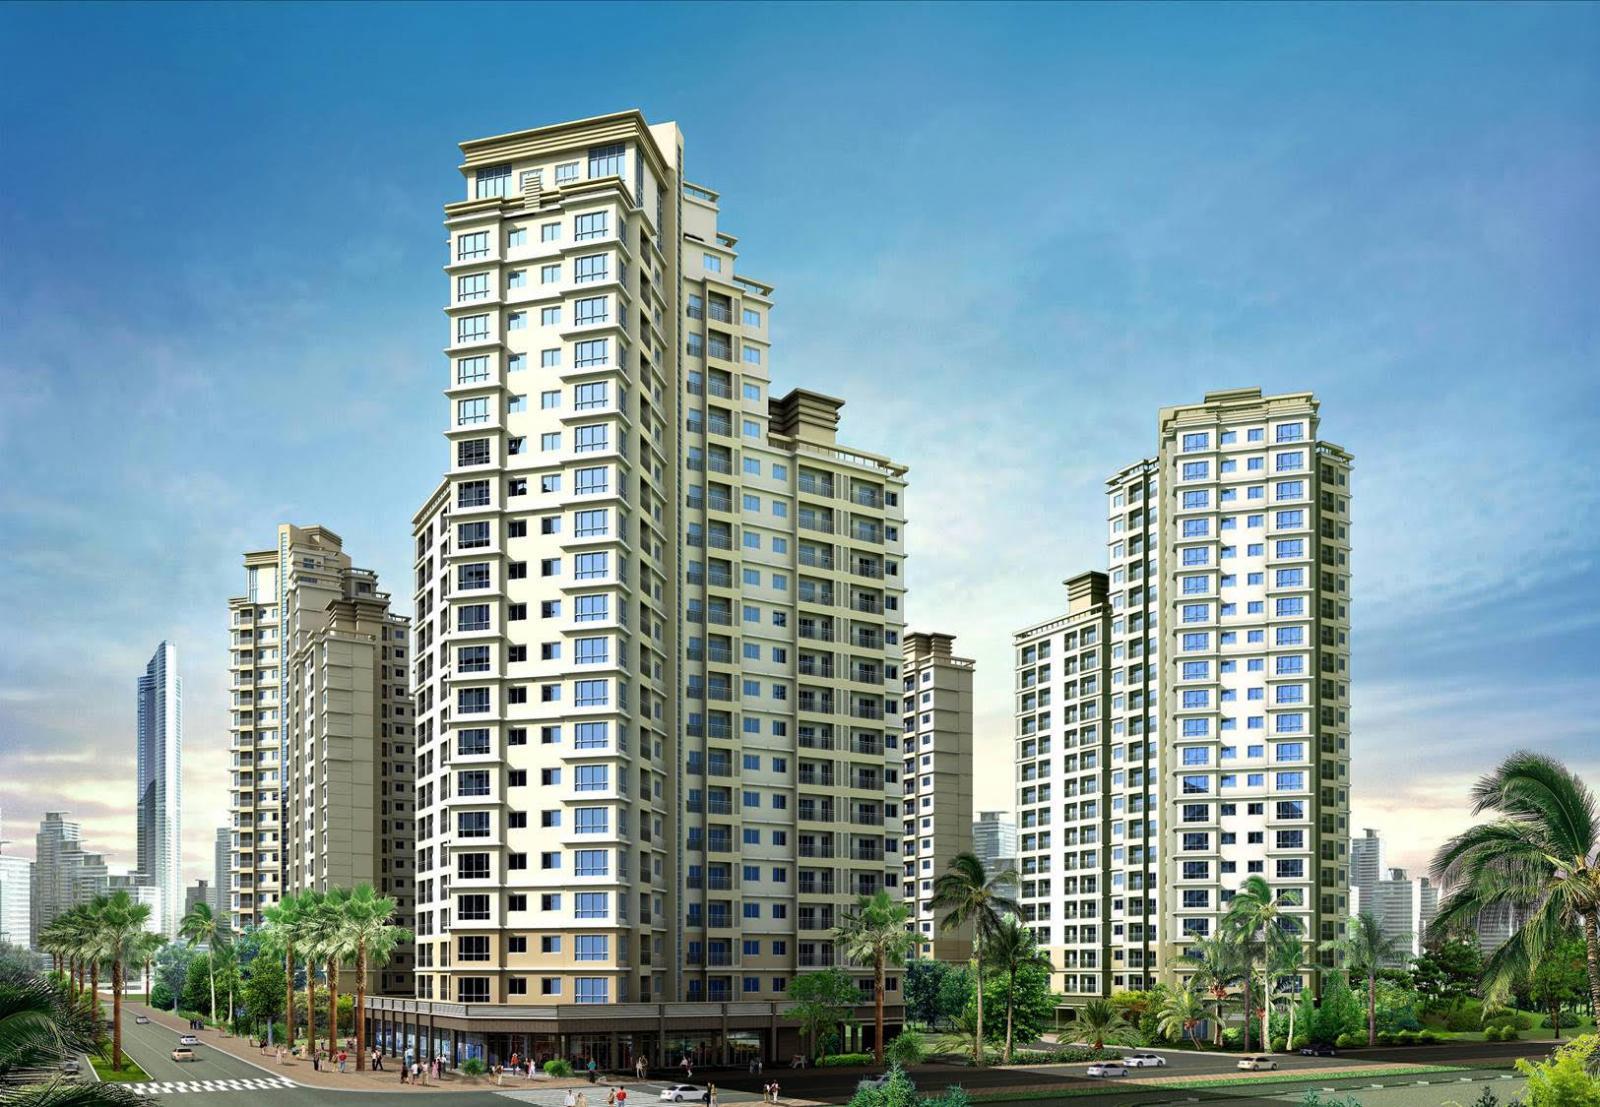 Phối cảnh một dự án chung cư gồm nhiều tòa nhà cao tầng, xung quanh có đường đi và cây xanh.